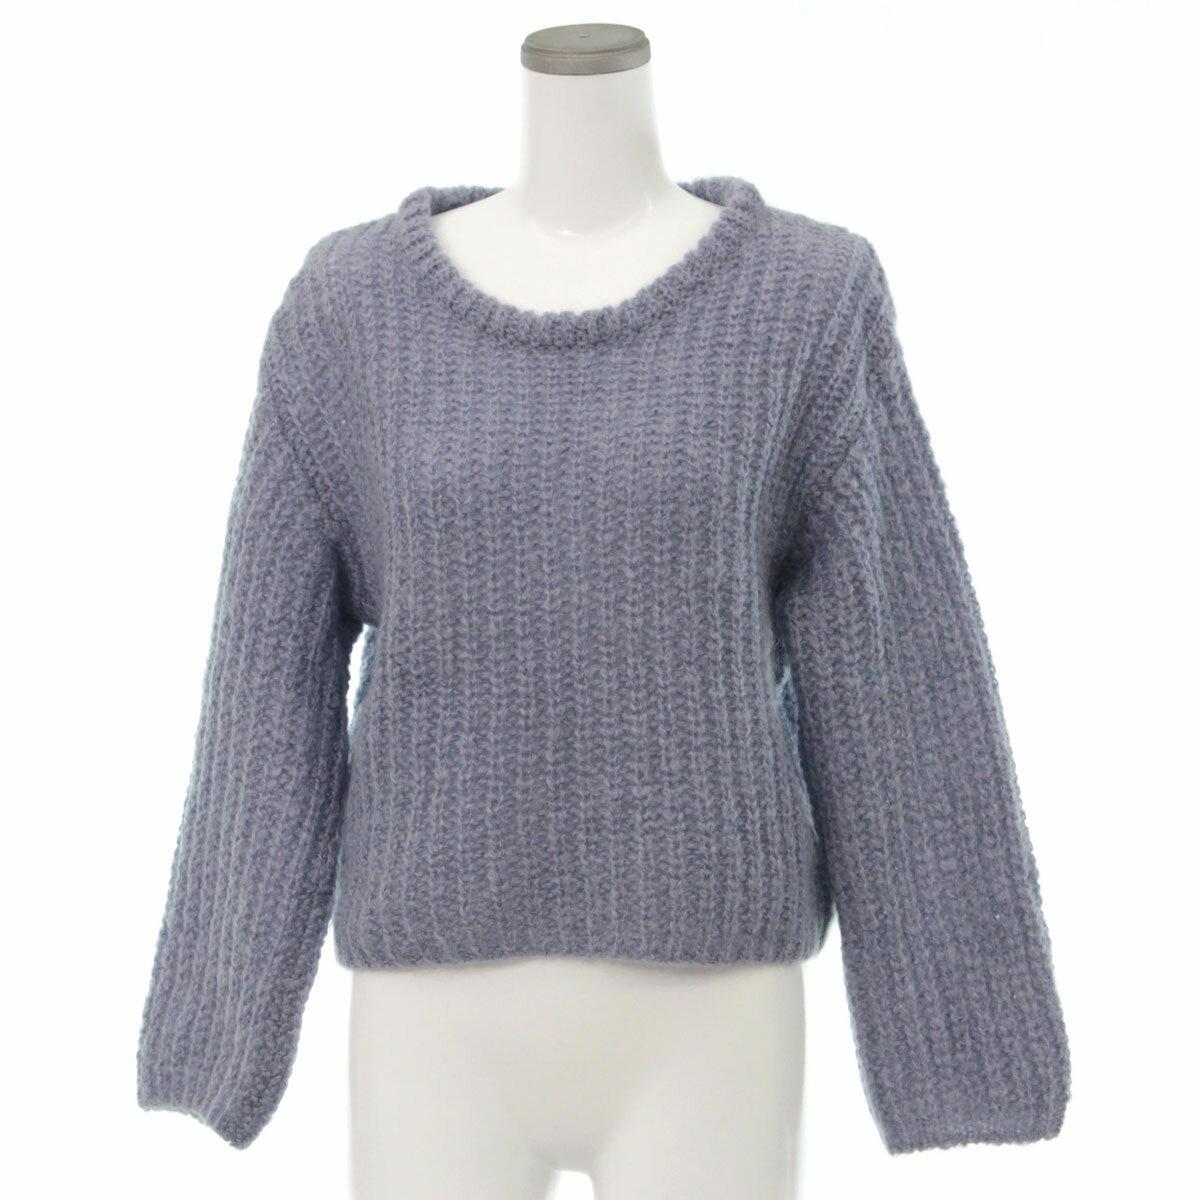 ニット・セーター, セーター agnes b. 2way TU blue 33328-SK0619